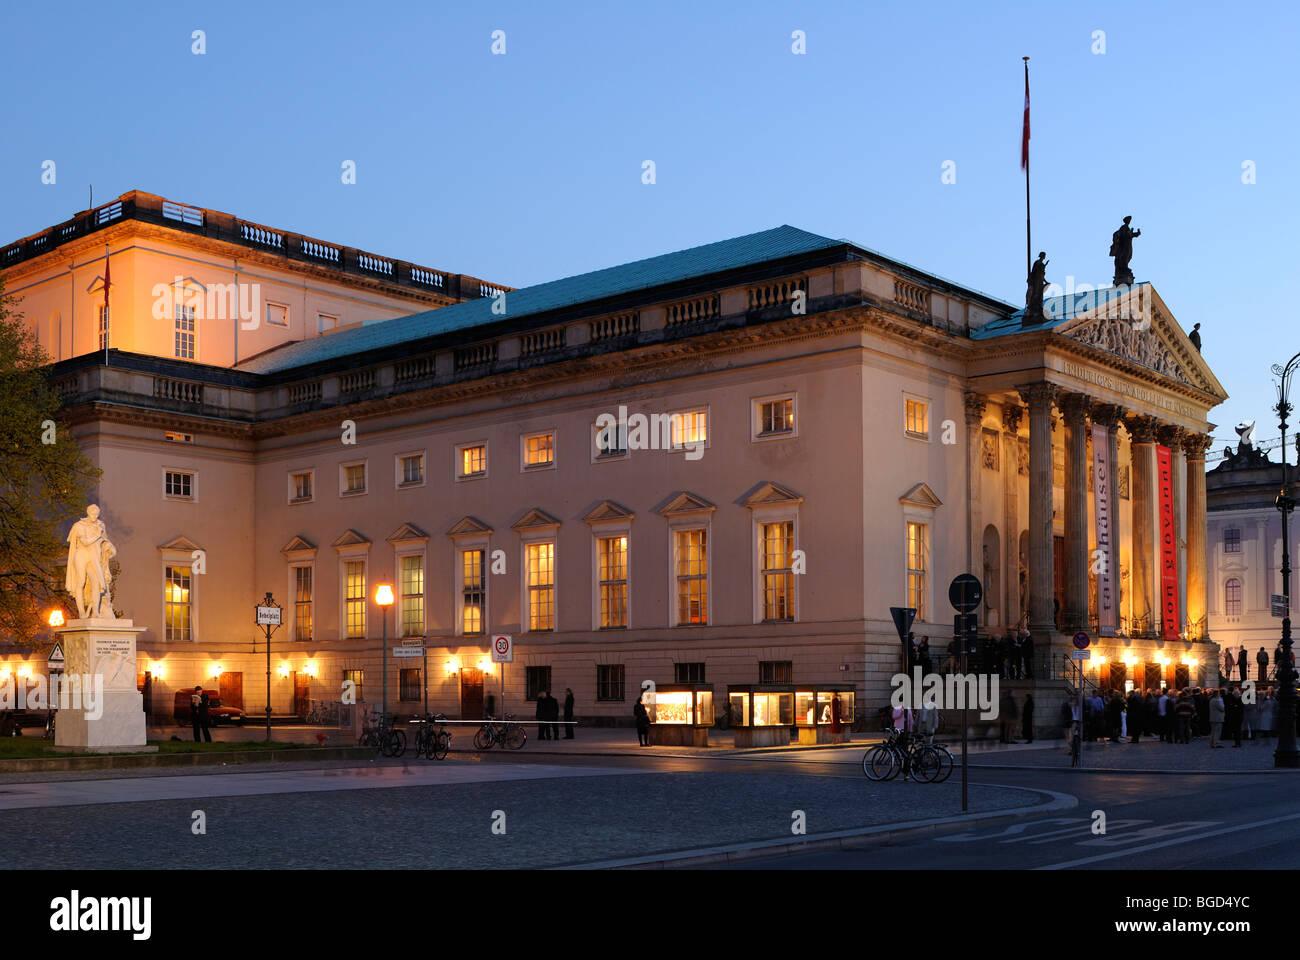 Deutsche Staatsoper Unter den Linden at night, Berlin Mitte, Berlin, Germany, Europe. - Stock Image